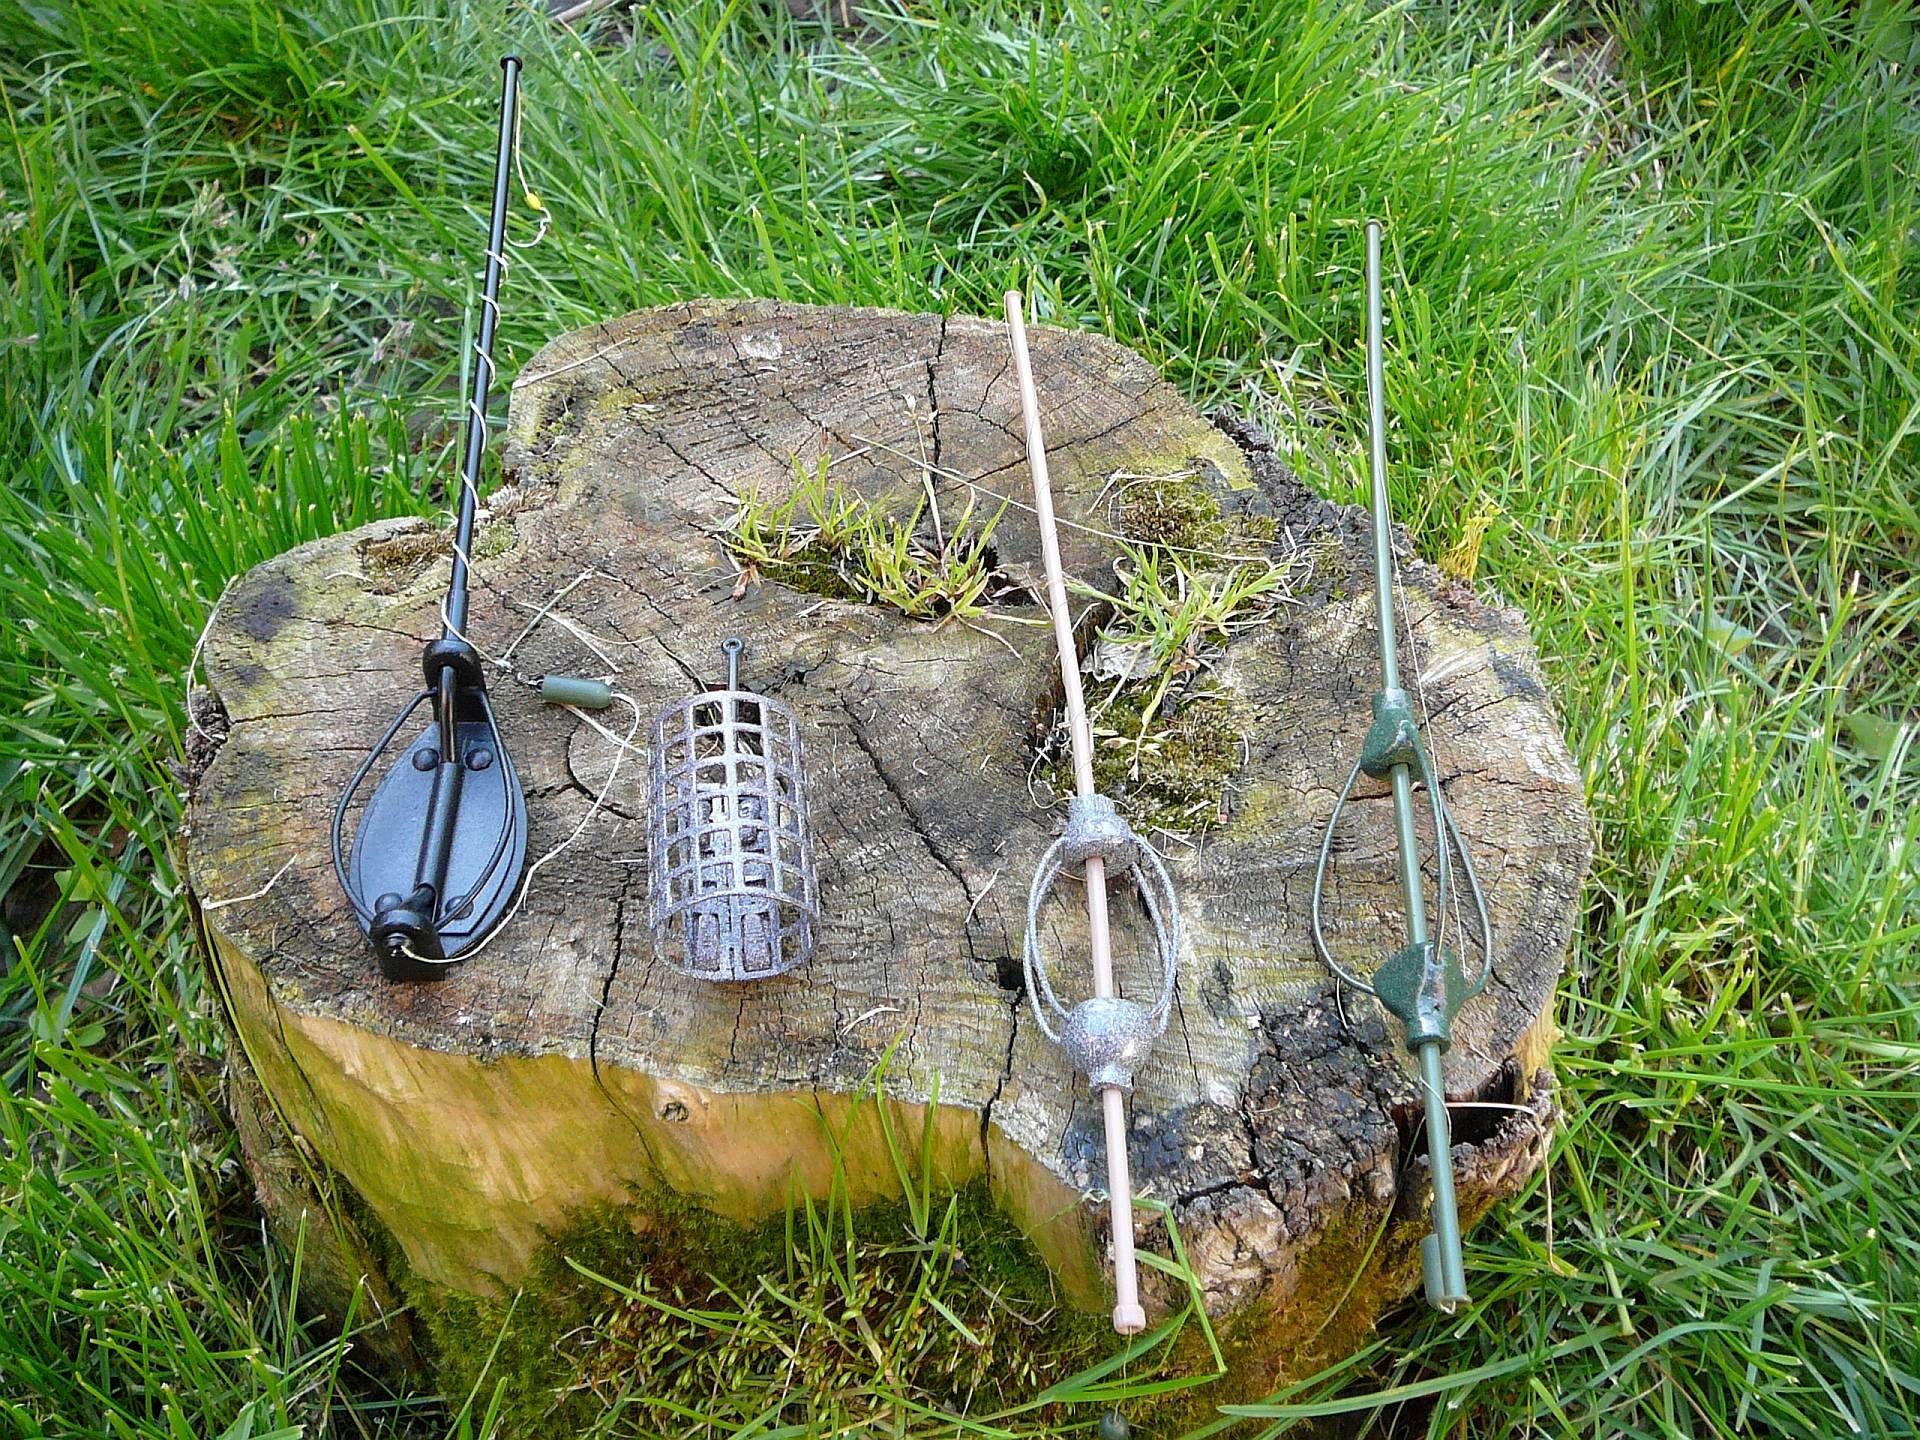 Feederezéshez általában használt kosarak, balról-jobbra: Haldorádó Method Flat Feeder, rácsos csőszerű kivitel, klasszikus fenekező, Haldorádó Pellet Feeder